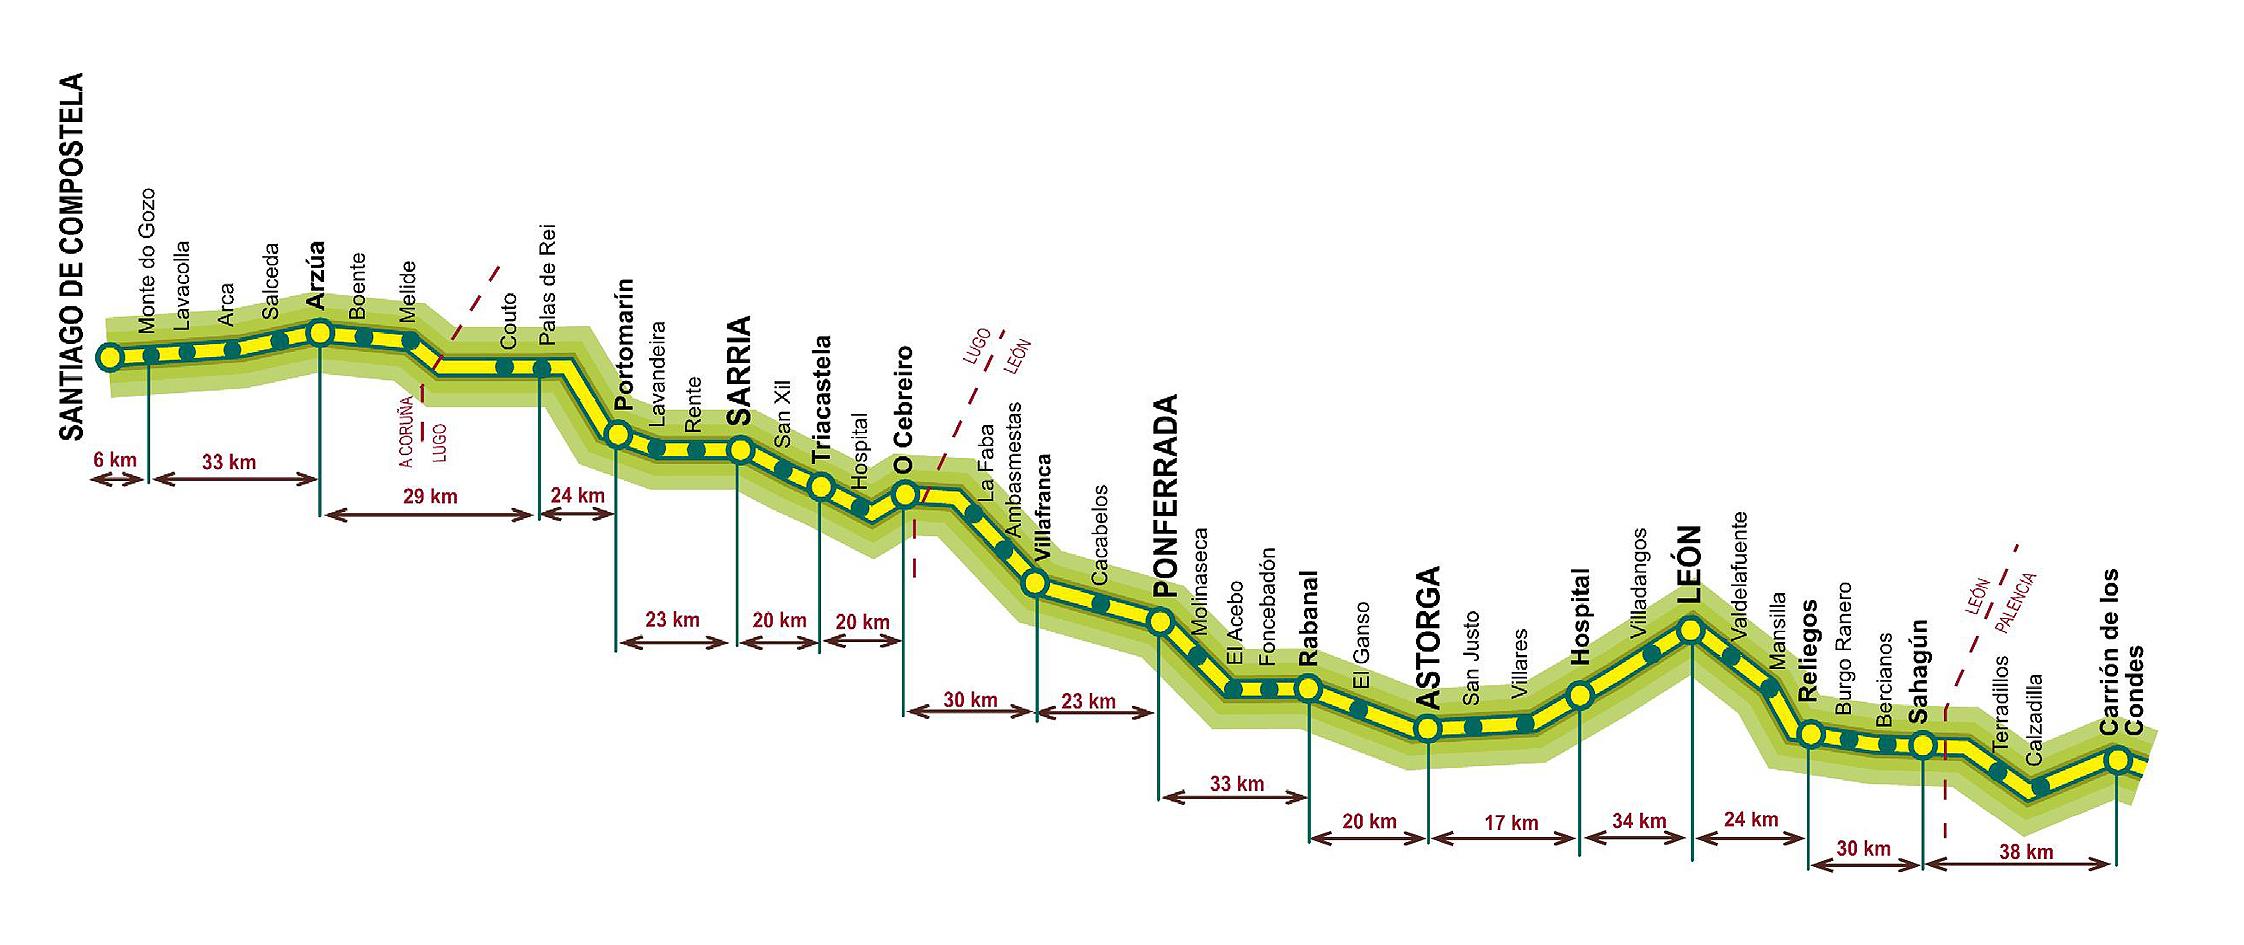 Ruta en mountain bike para hacer el Camino de Santiago en 11 etapas